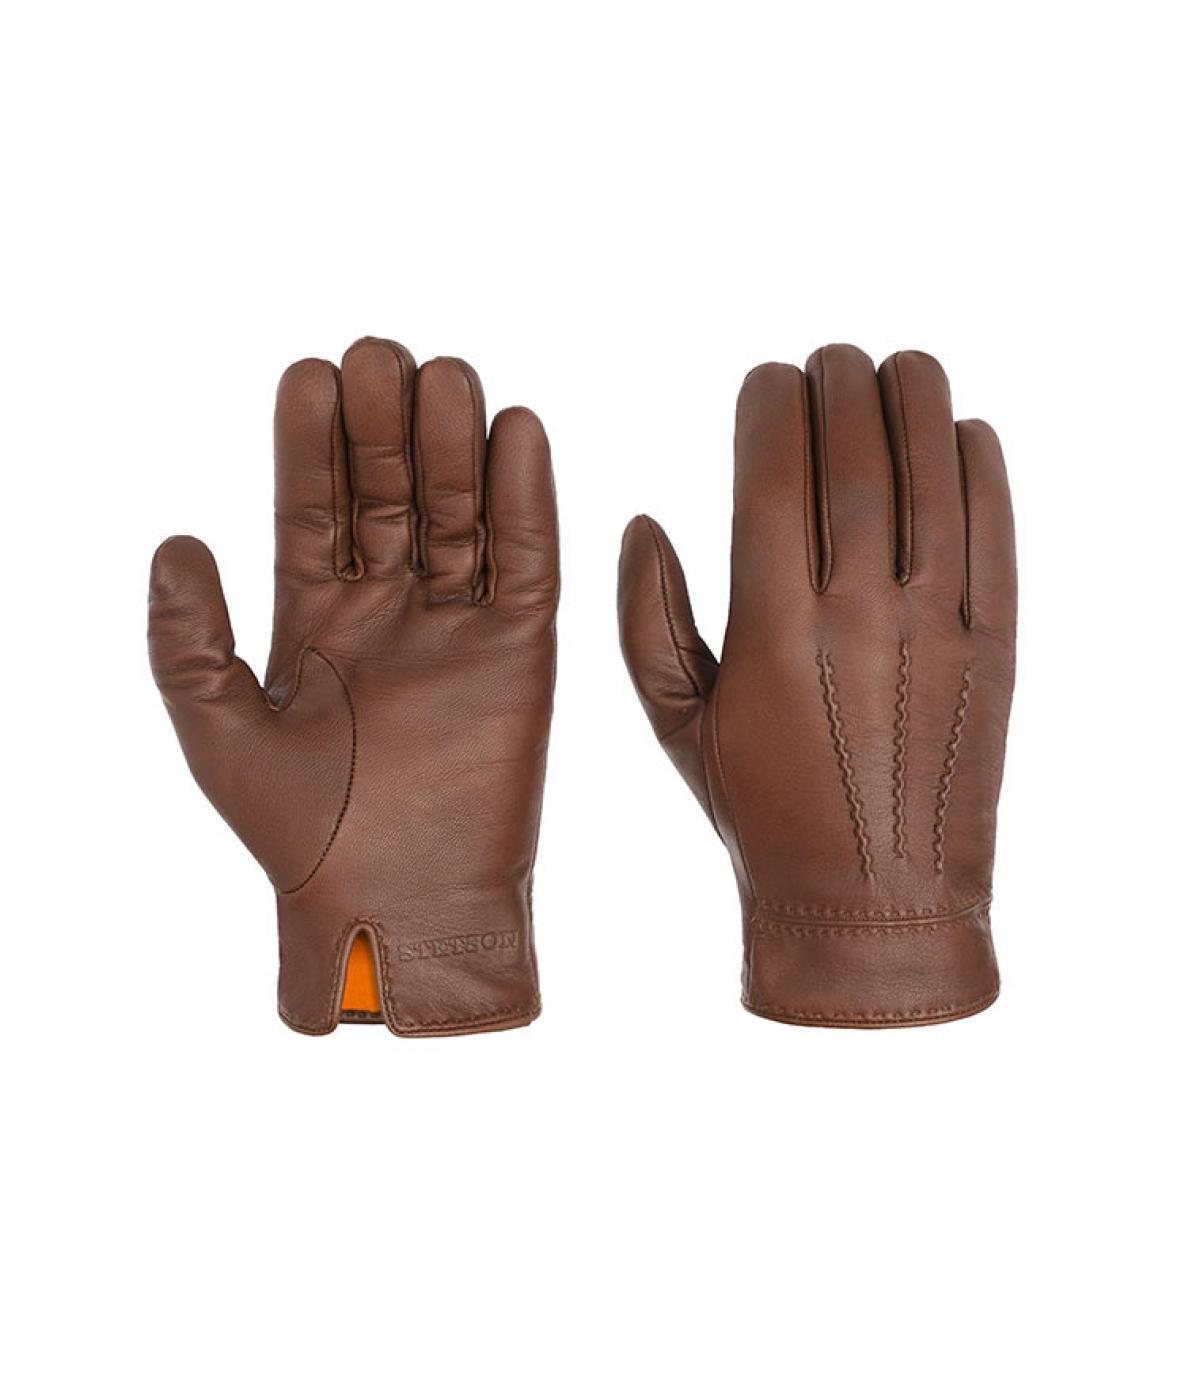 gants cuir marron Stetson